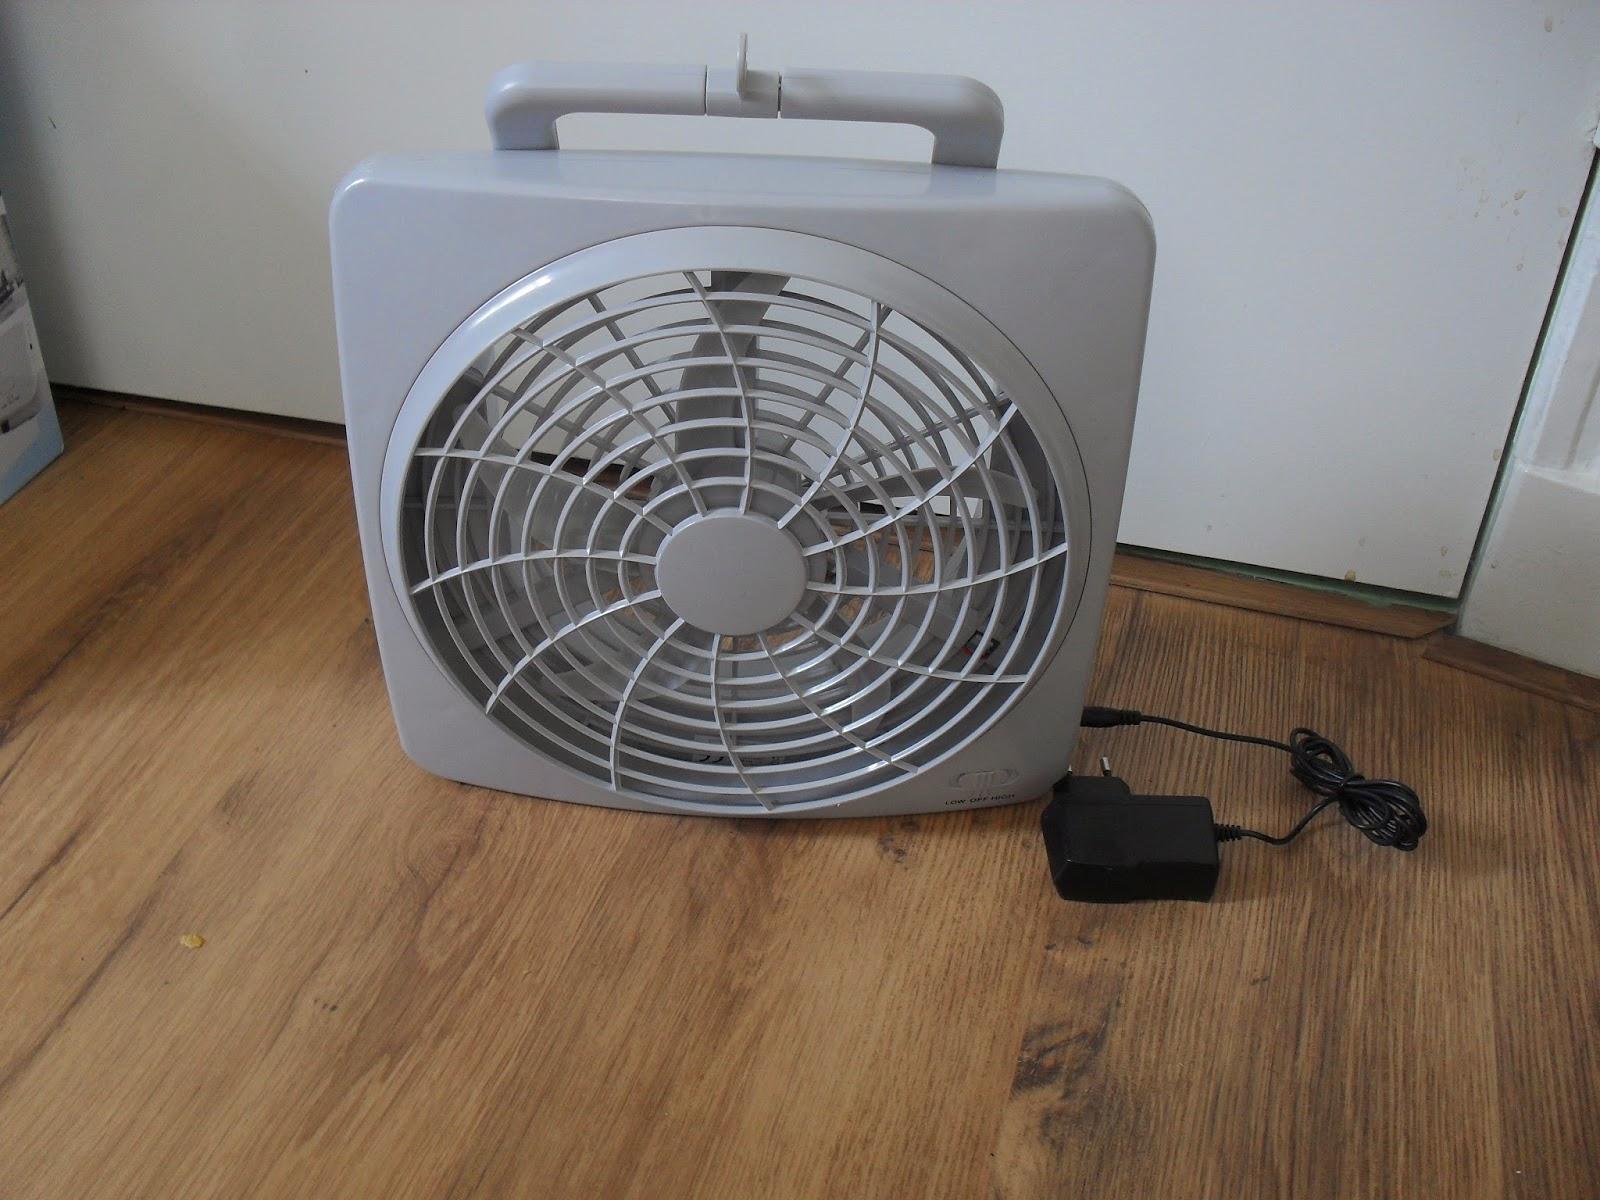 ventilator Big Bazar